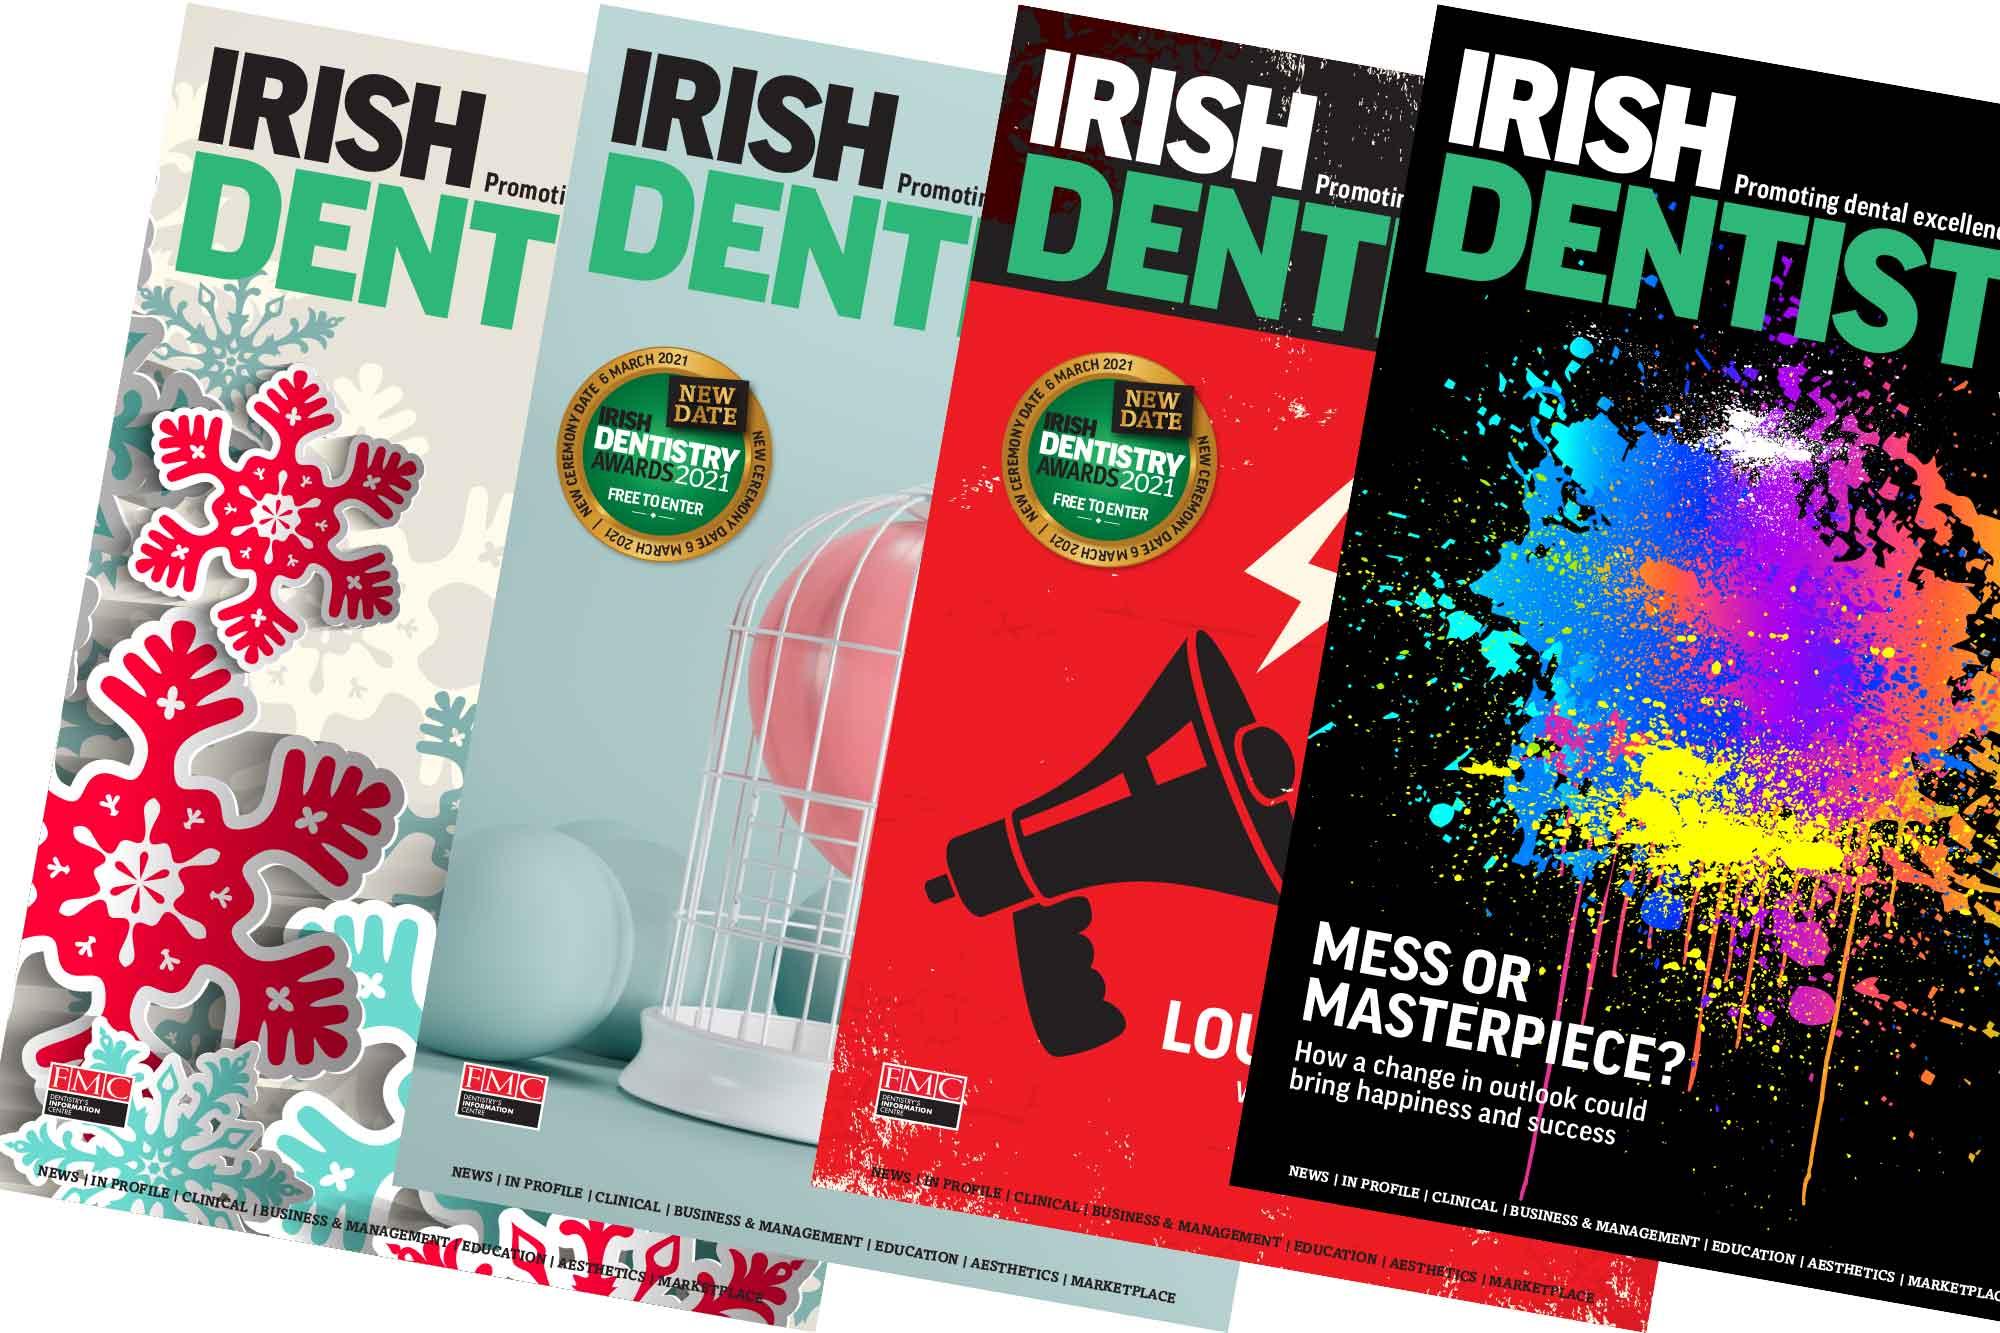 Irish Dentistry magazine